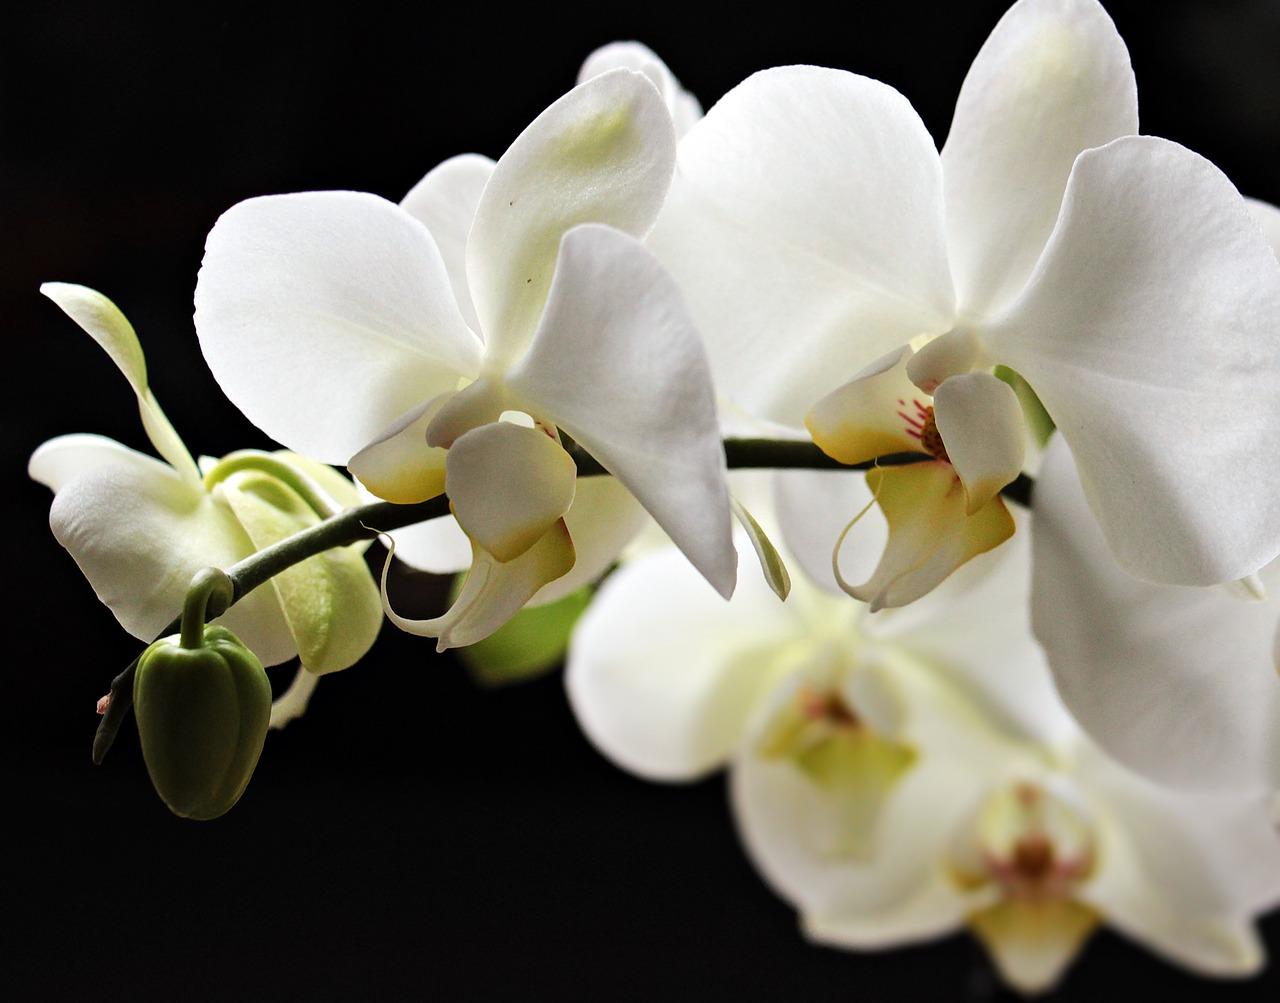 фото белой орхидеи на черном шелке расплатиться